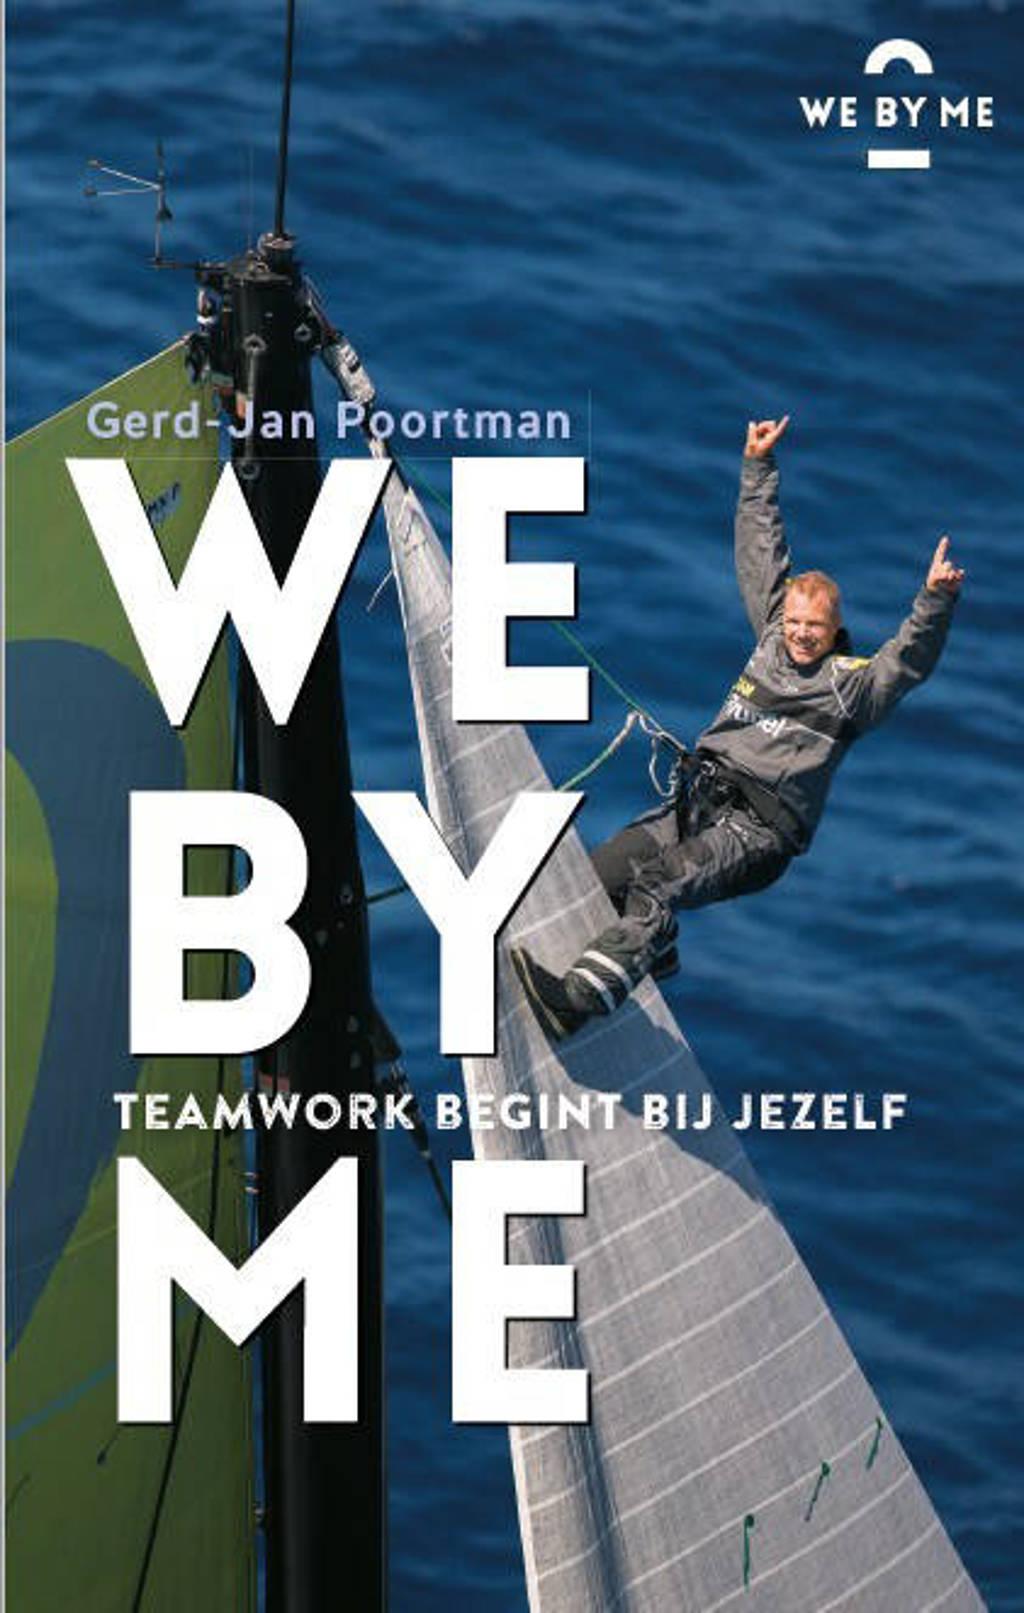 We by Me - Gerd-Jan Poortman